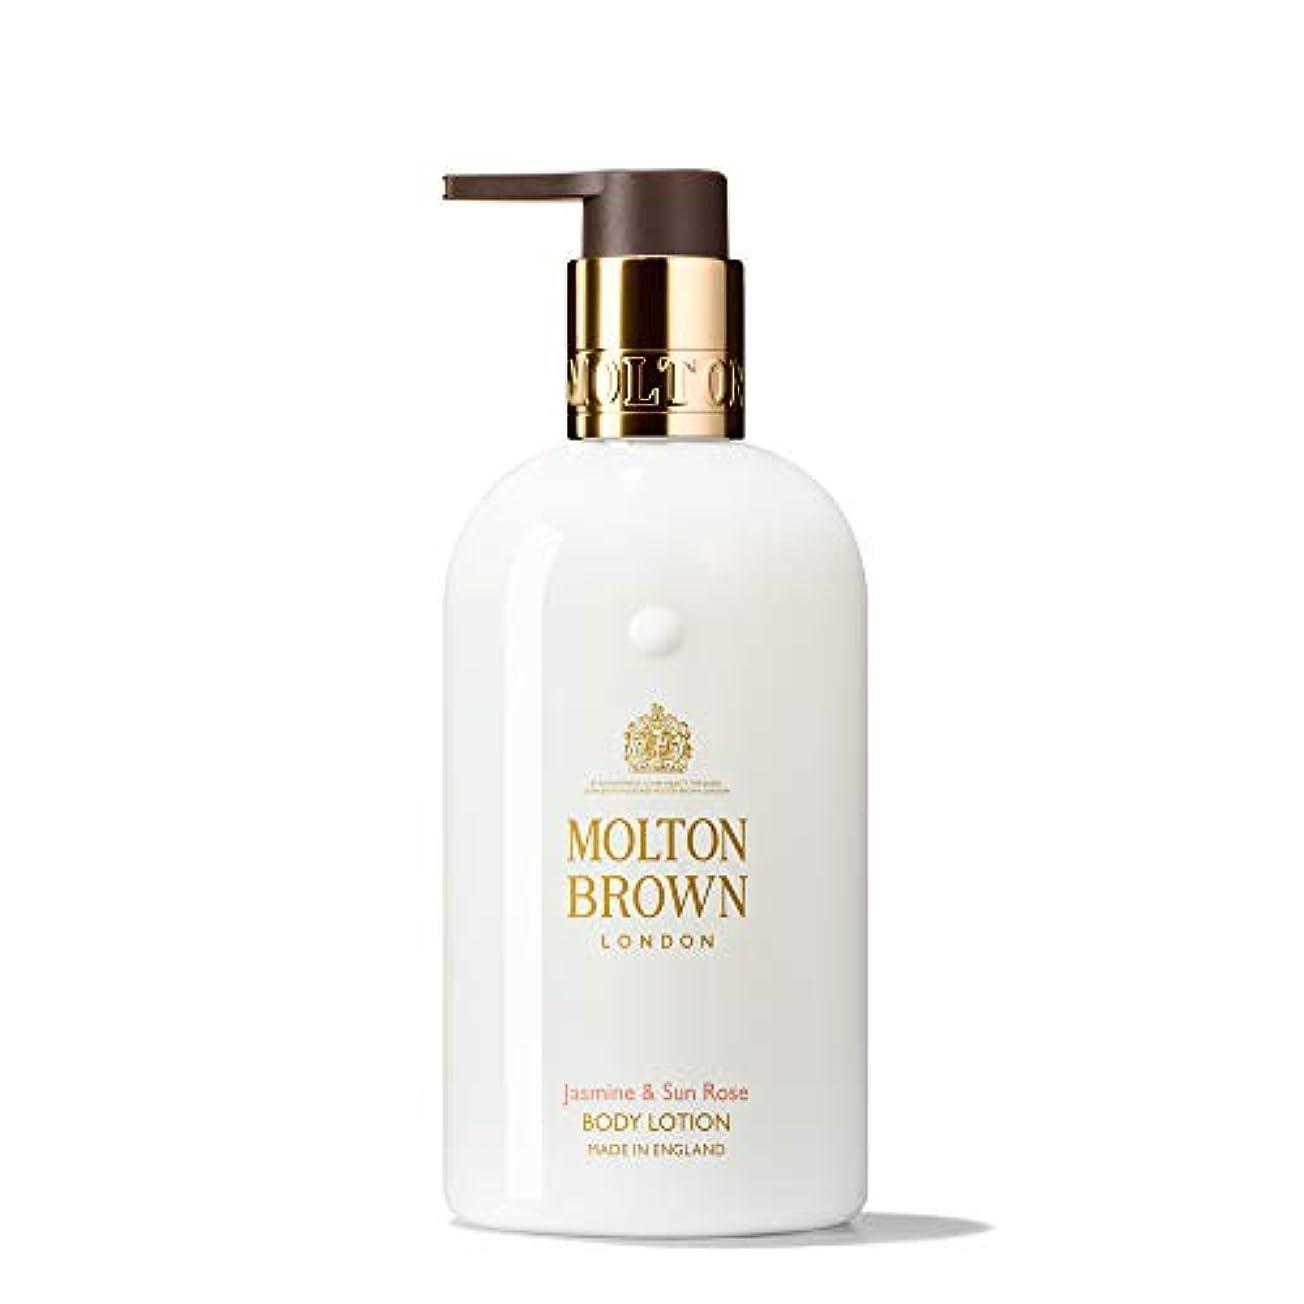 ポンプ解放刈るMOLTON BROWN(モルトンブラウン) ジャスミン&サンローズ コレクション J&SR ボディローション